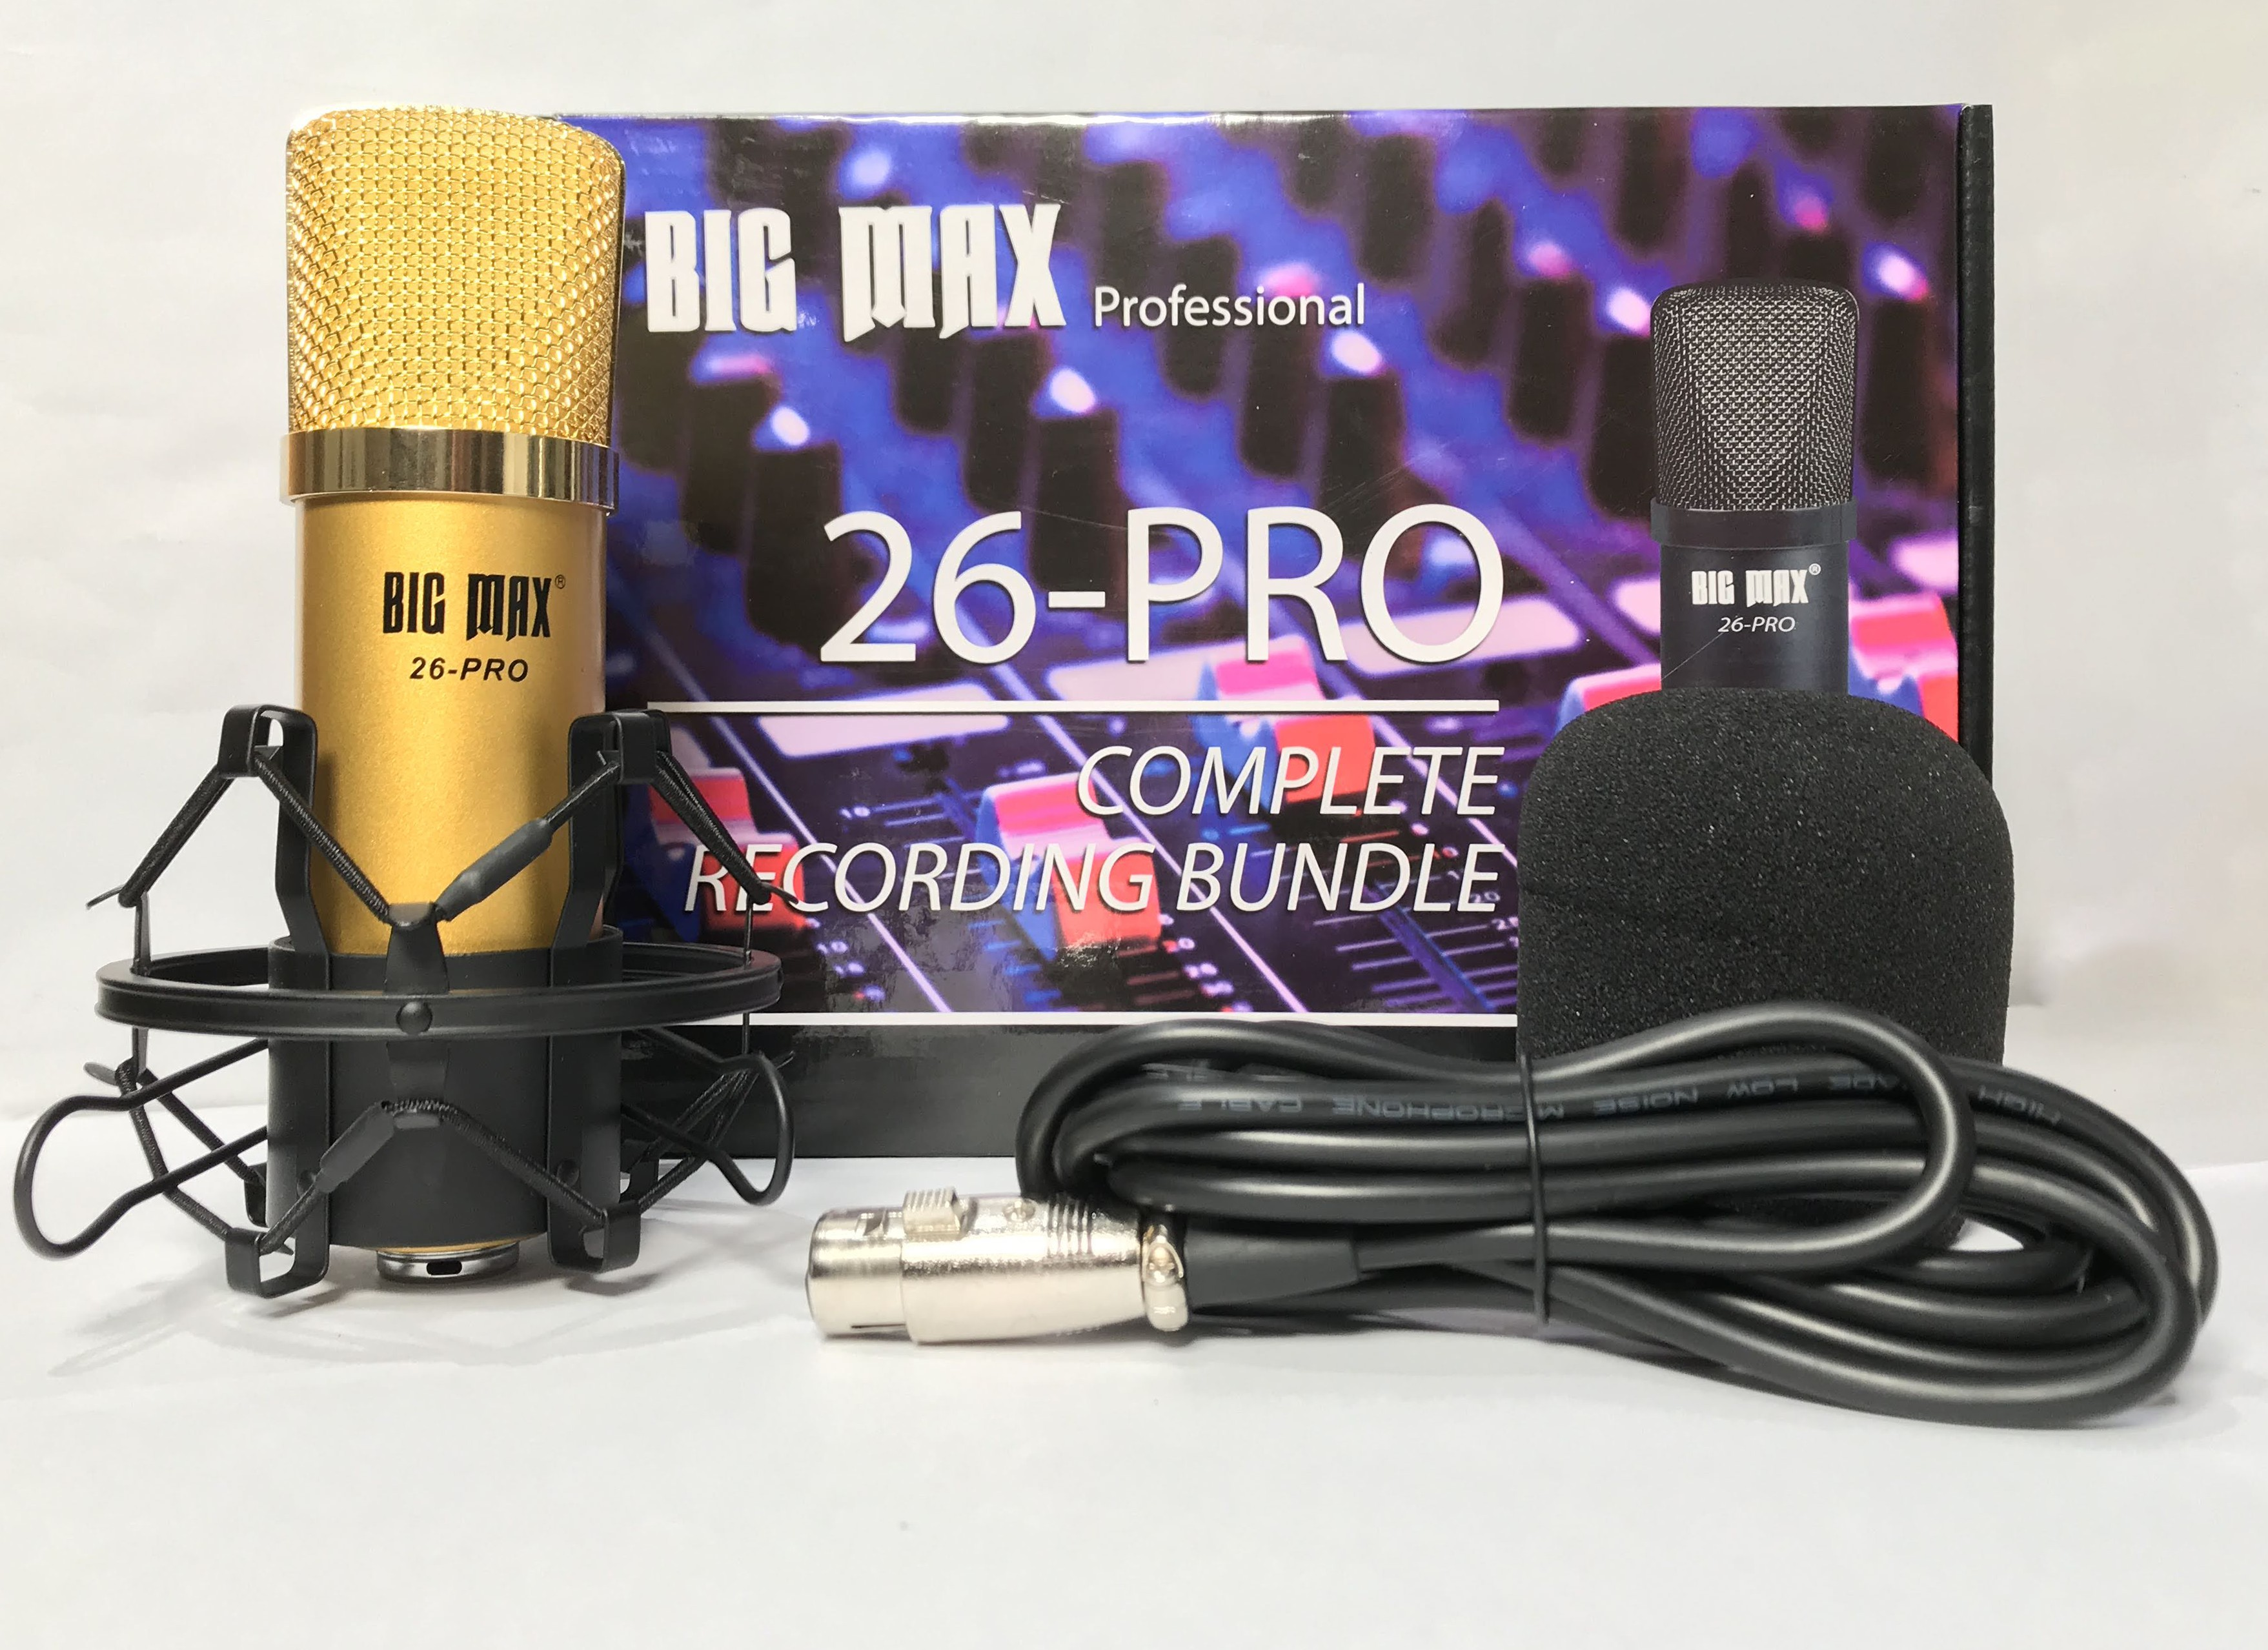 Micro thu âm cao cấp Big Max 26 pro - Mic thu âm hát karaoke online chuyên nghiệp - Chống hú, chống nhiễu, xứ lí tạp âm cực tốt - Giao màu ngẫu nhiên - Hàng chính hãng